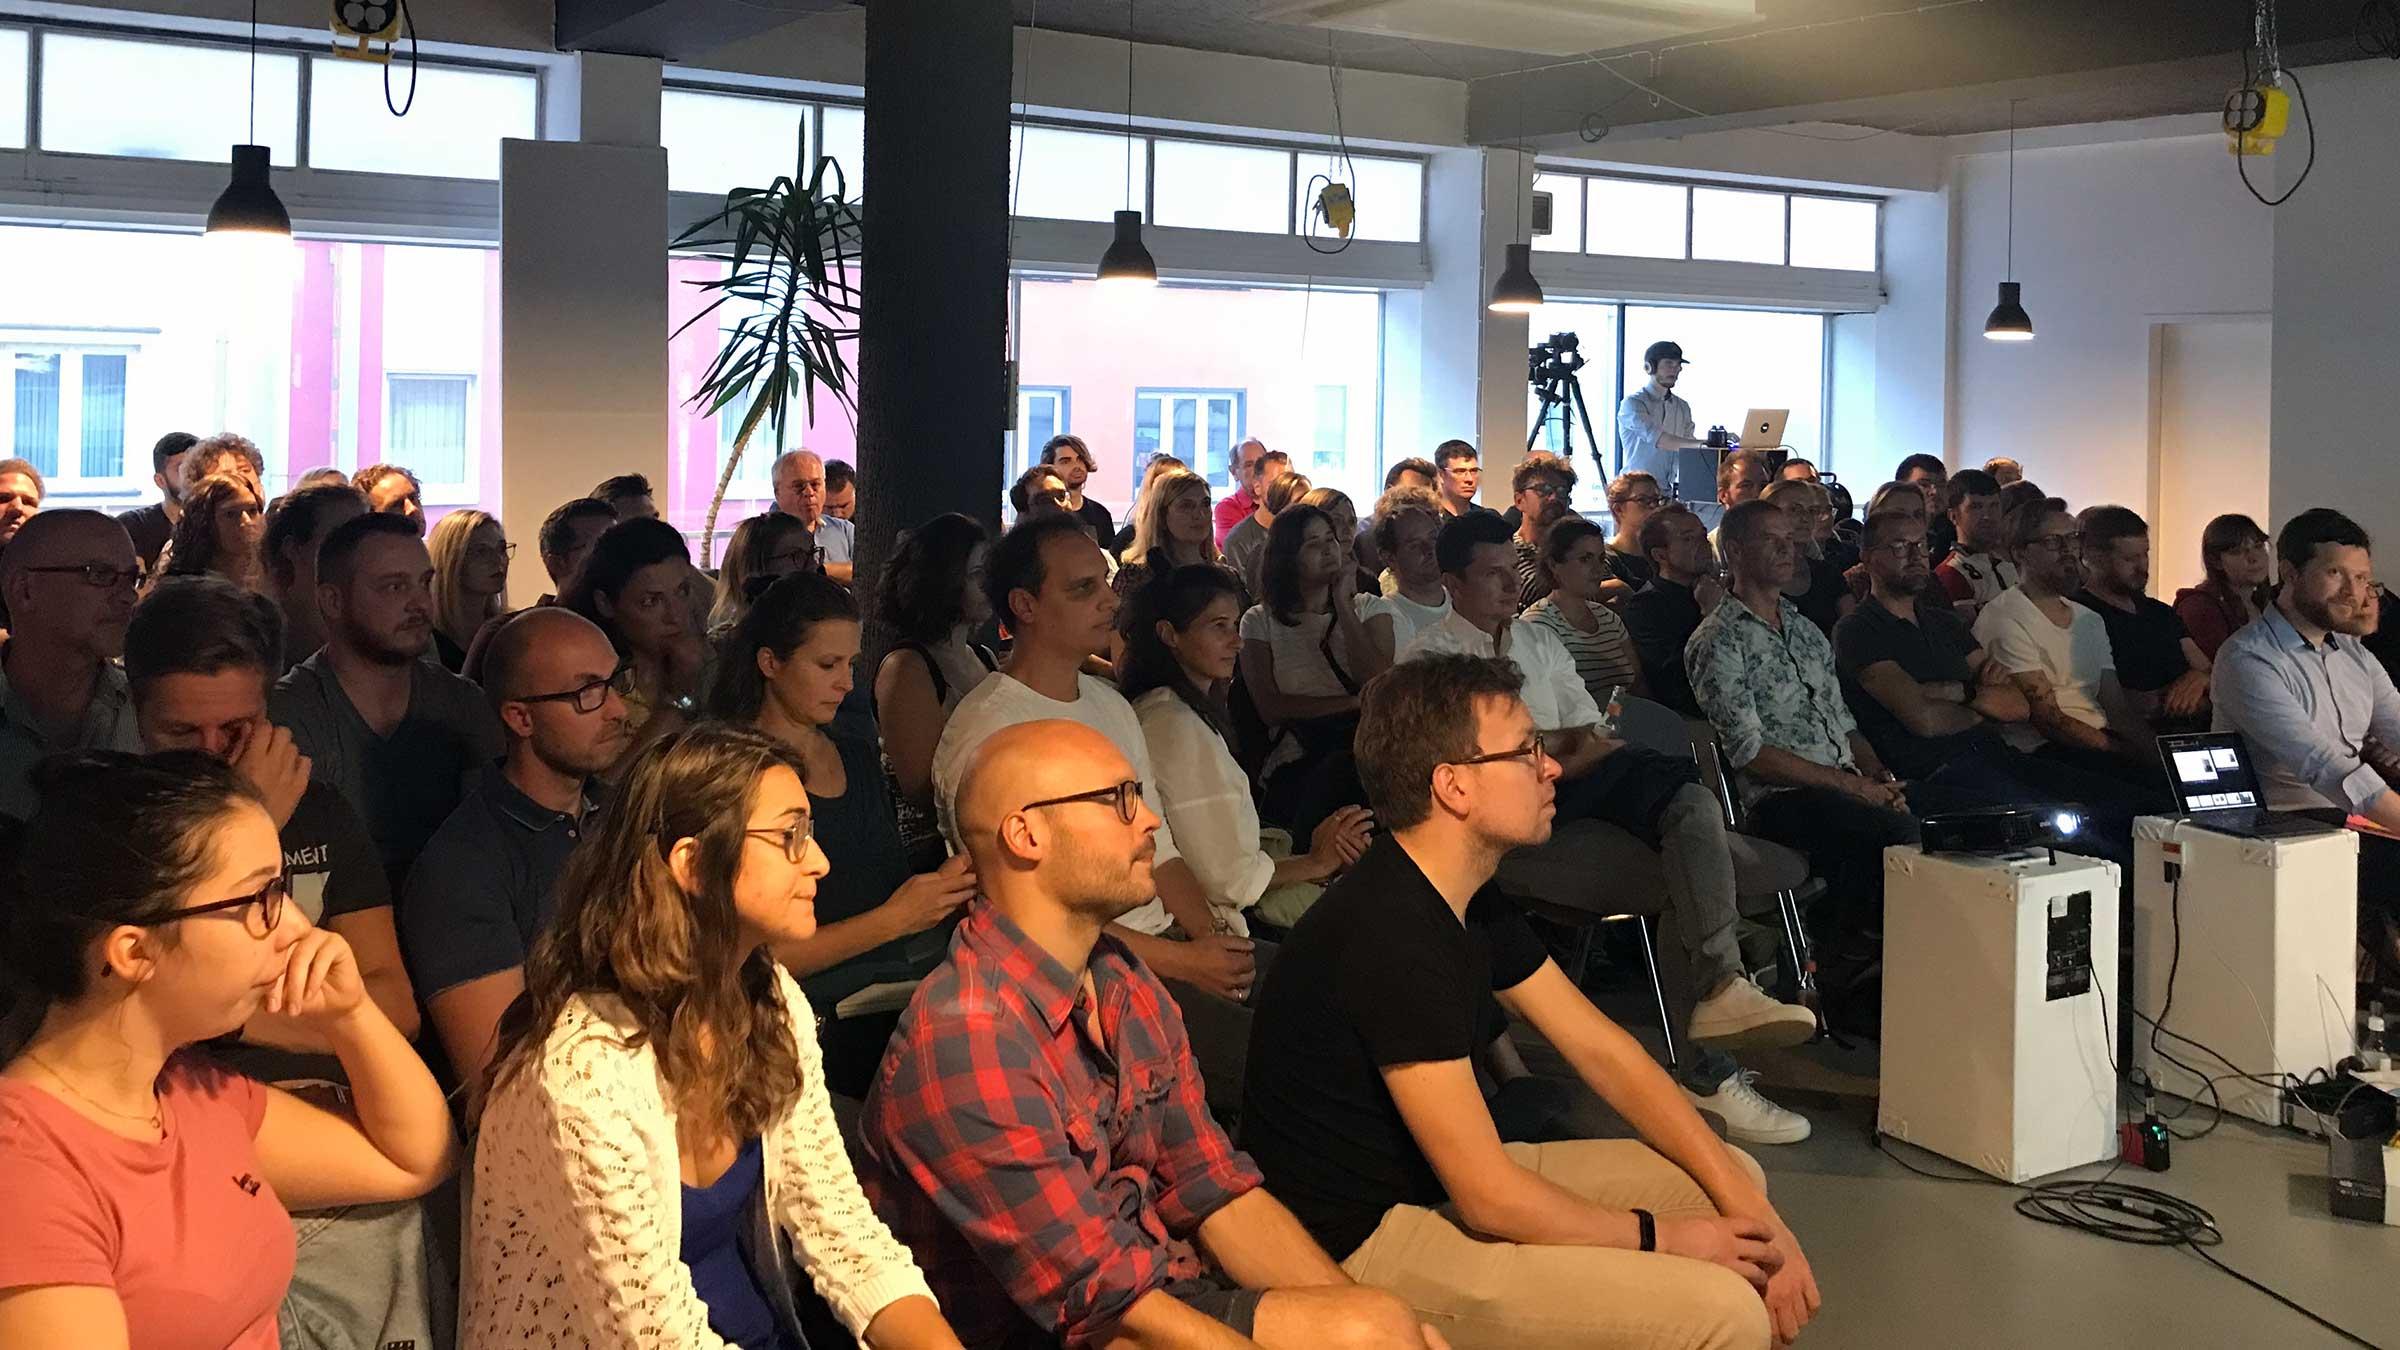 Ein Publikum von links vorne fotografiert. Alle blicken zur Bühne.